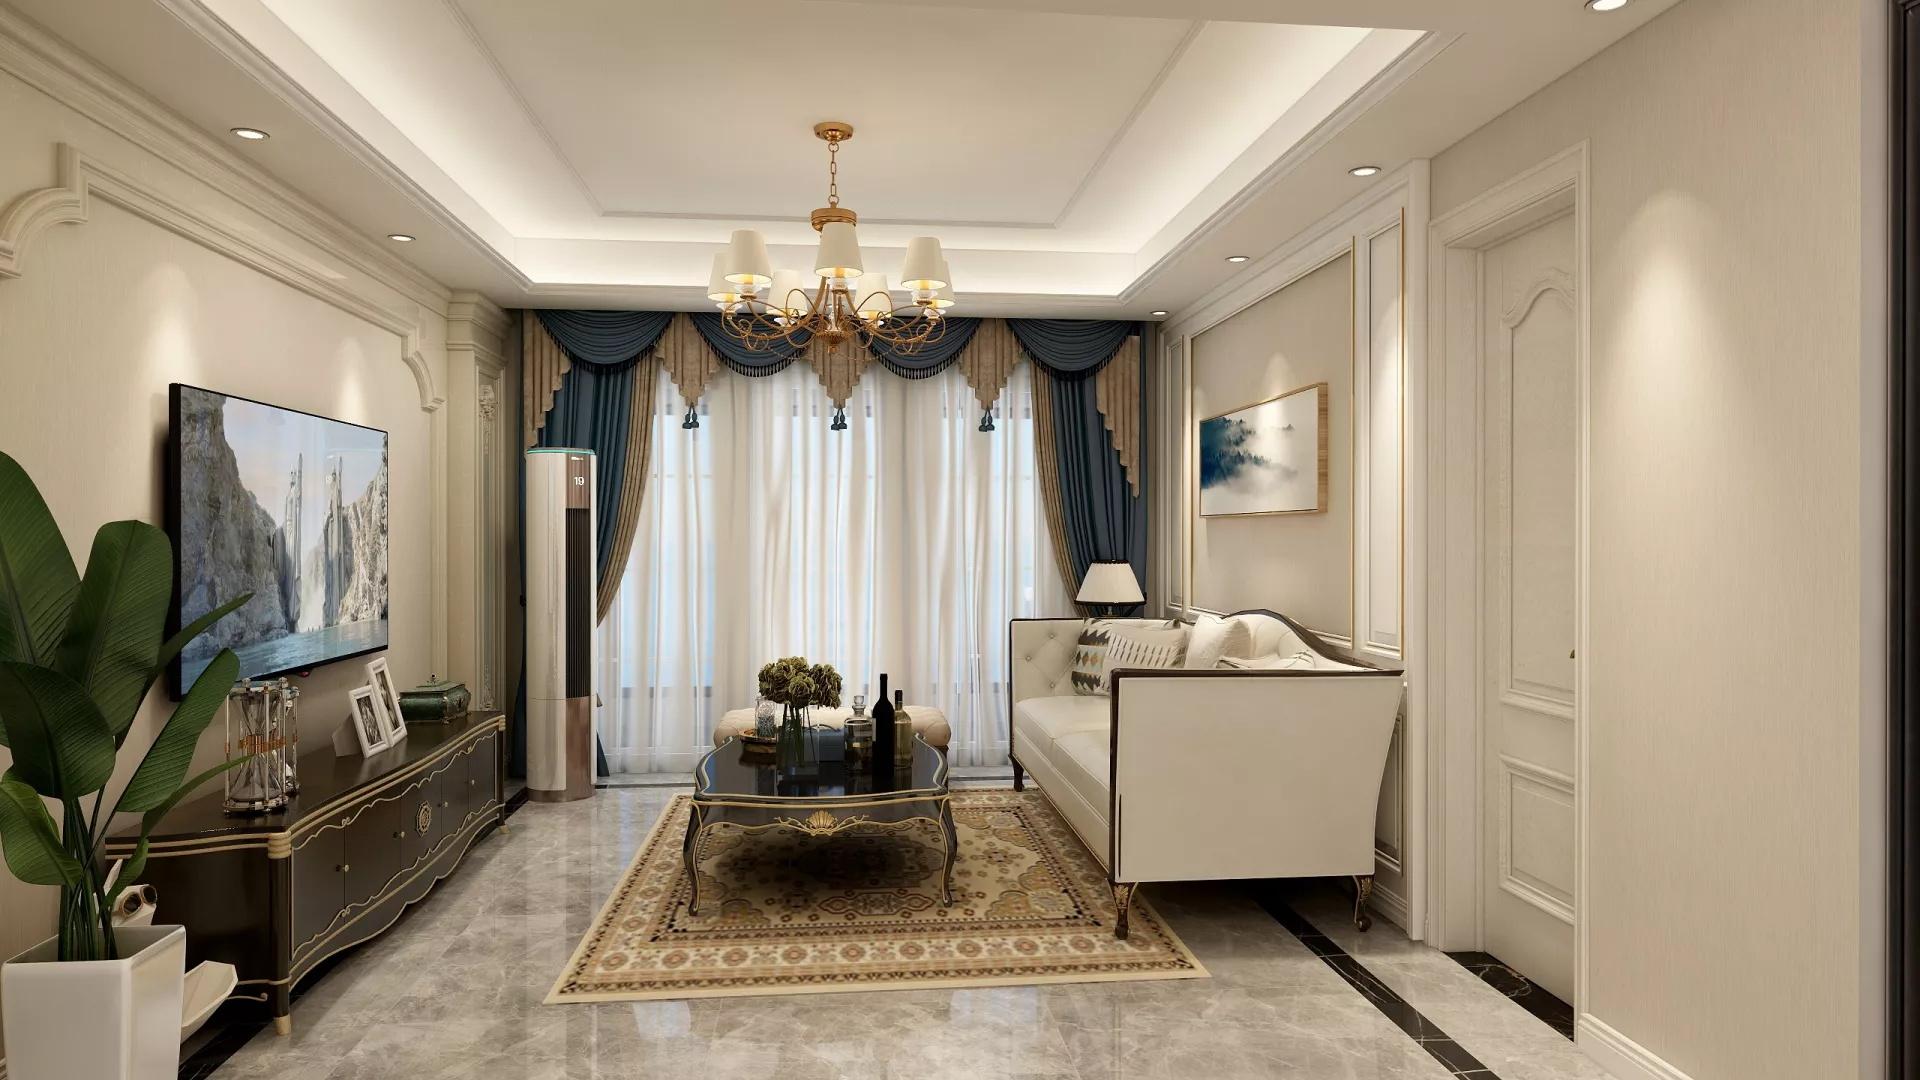 趣味风现代简约三居室家居装修效果图